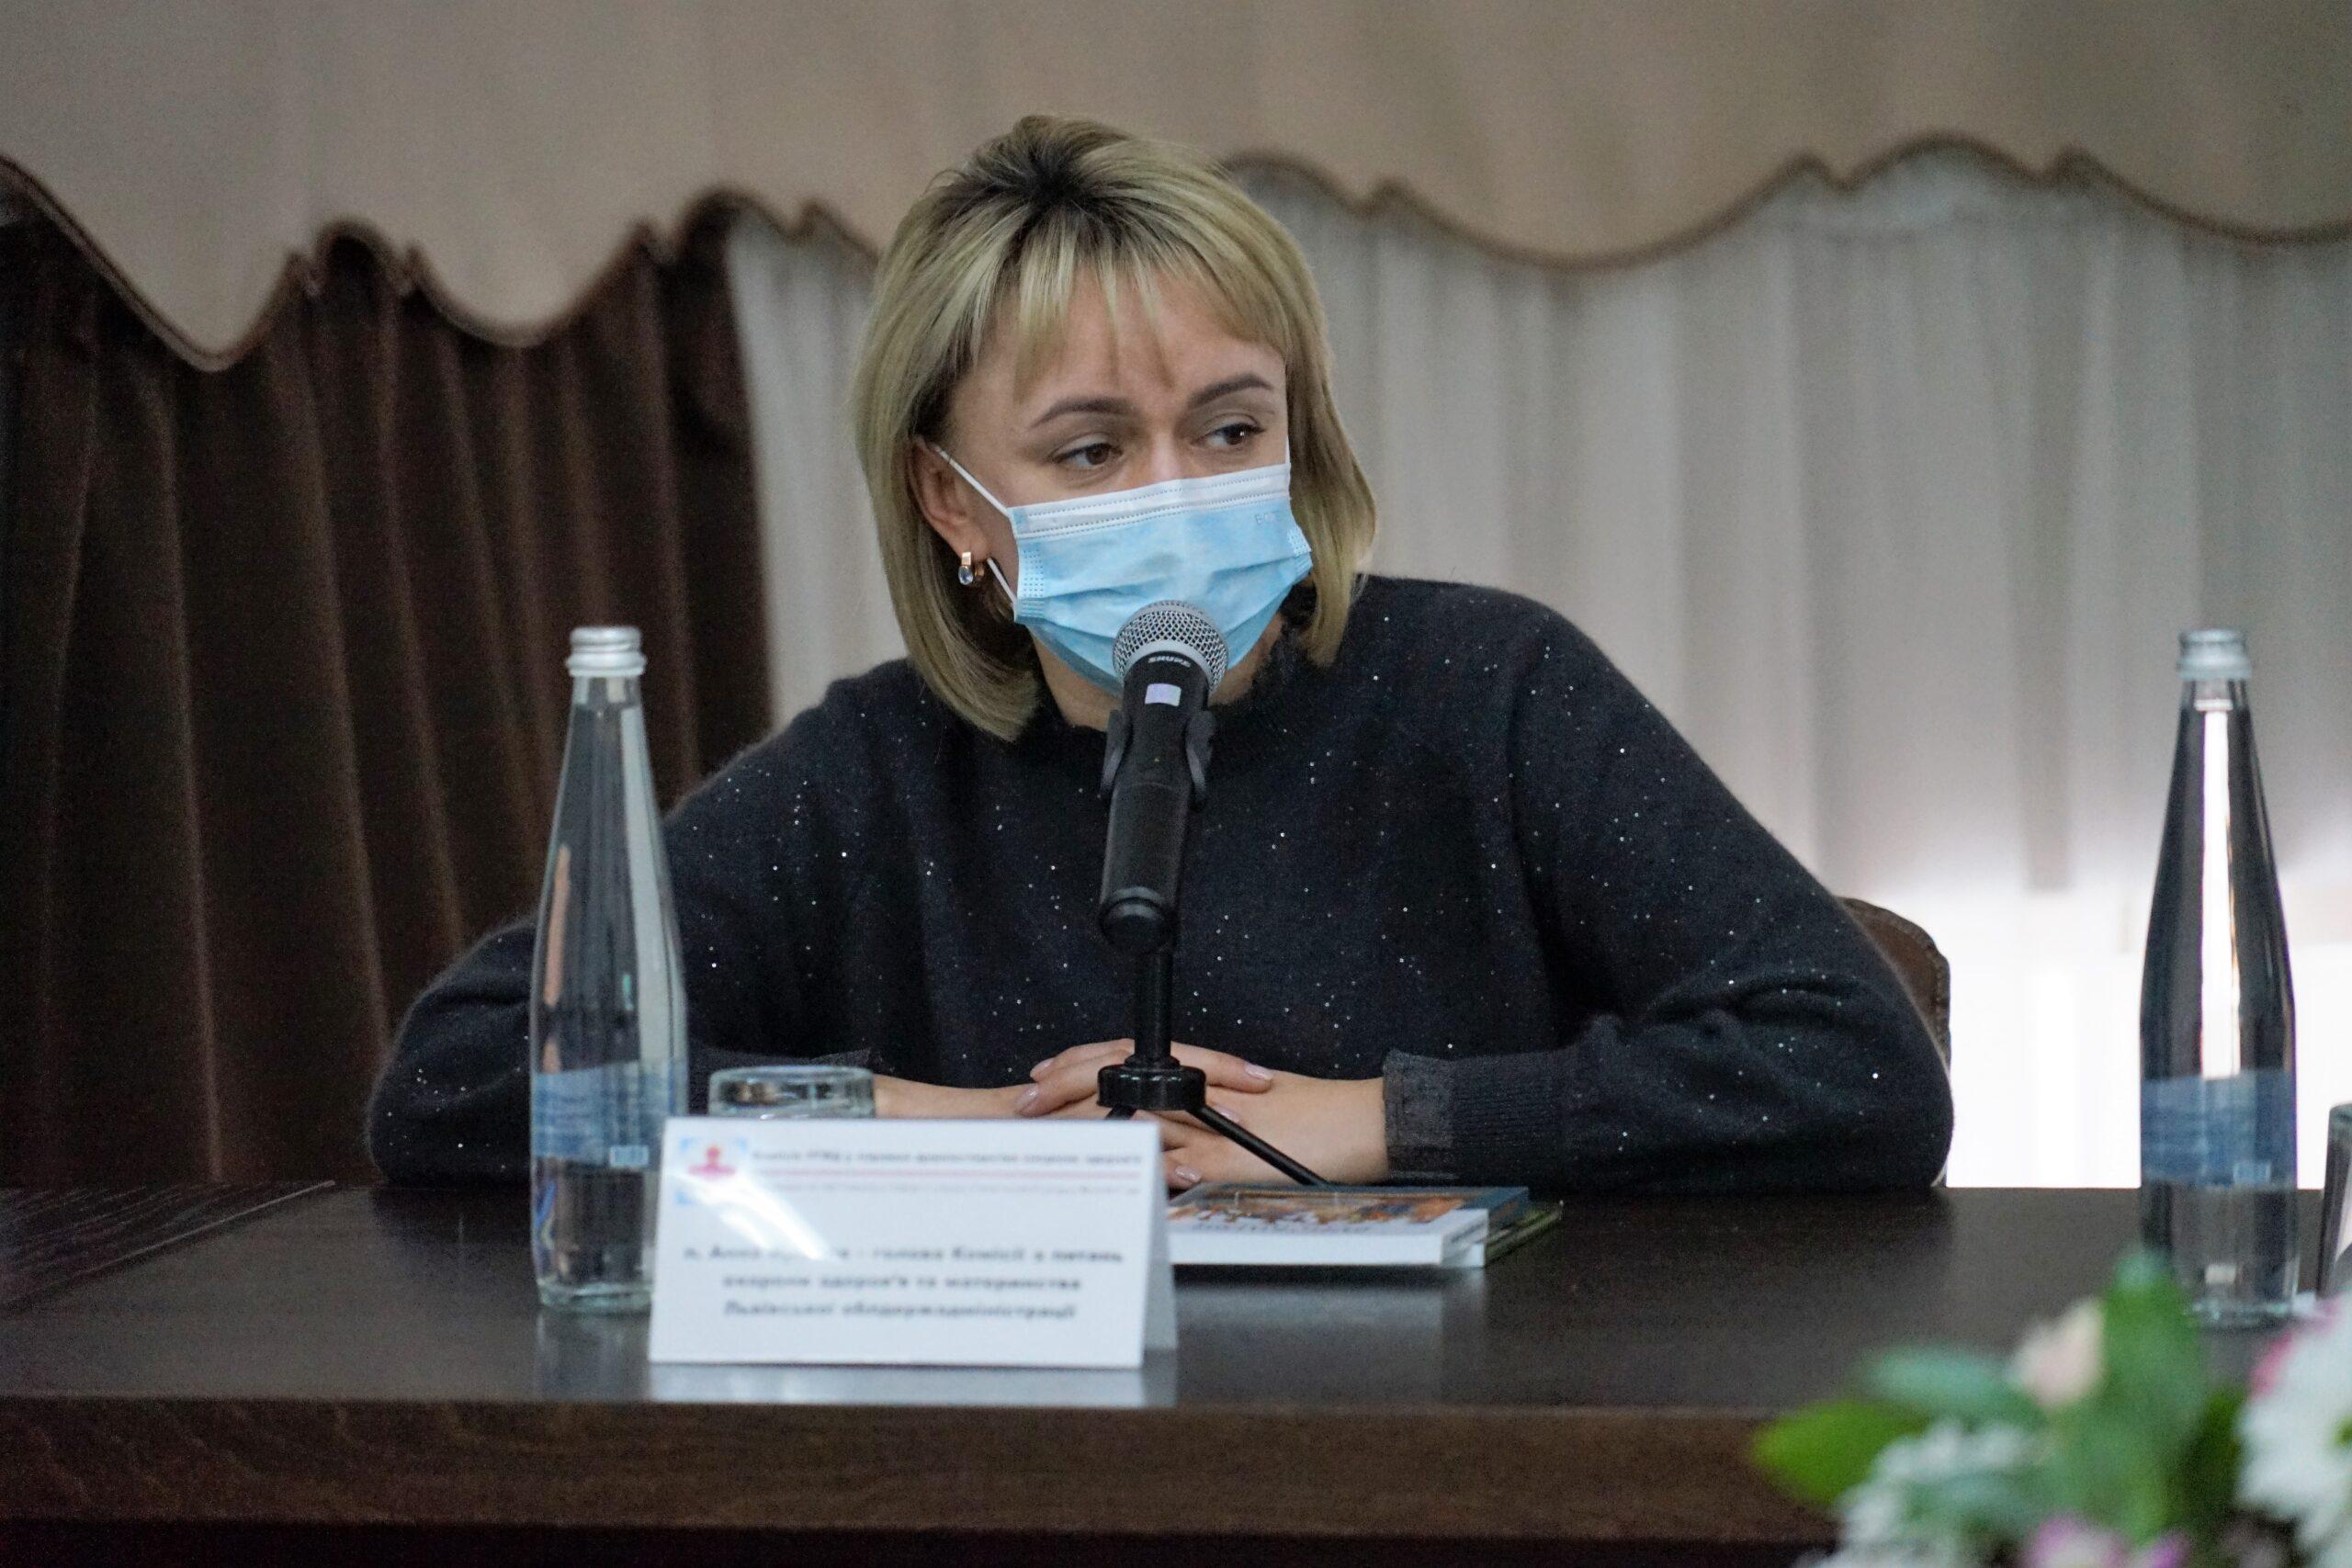 Перспективи розвитку медичного капеланства в Україні обговорили під час круглого столу у Львові_6